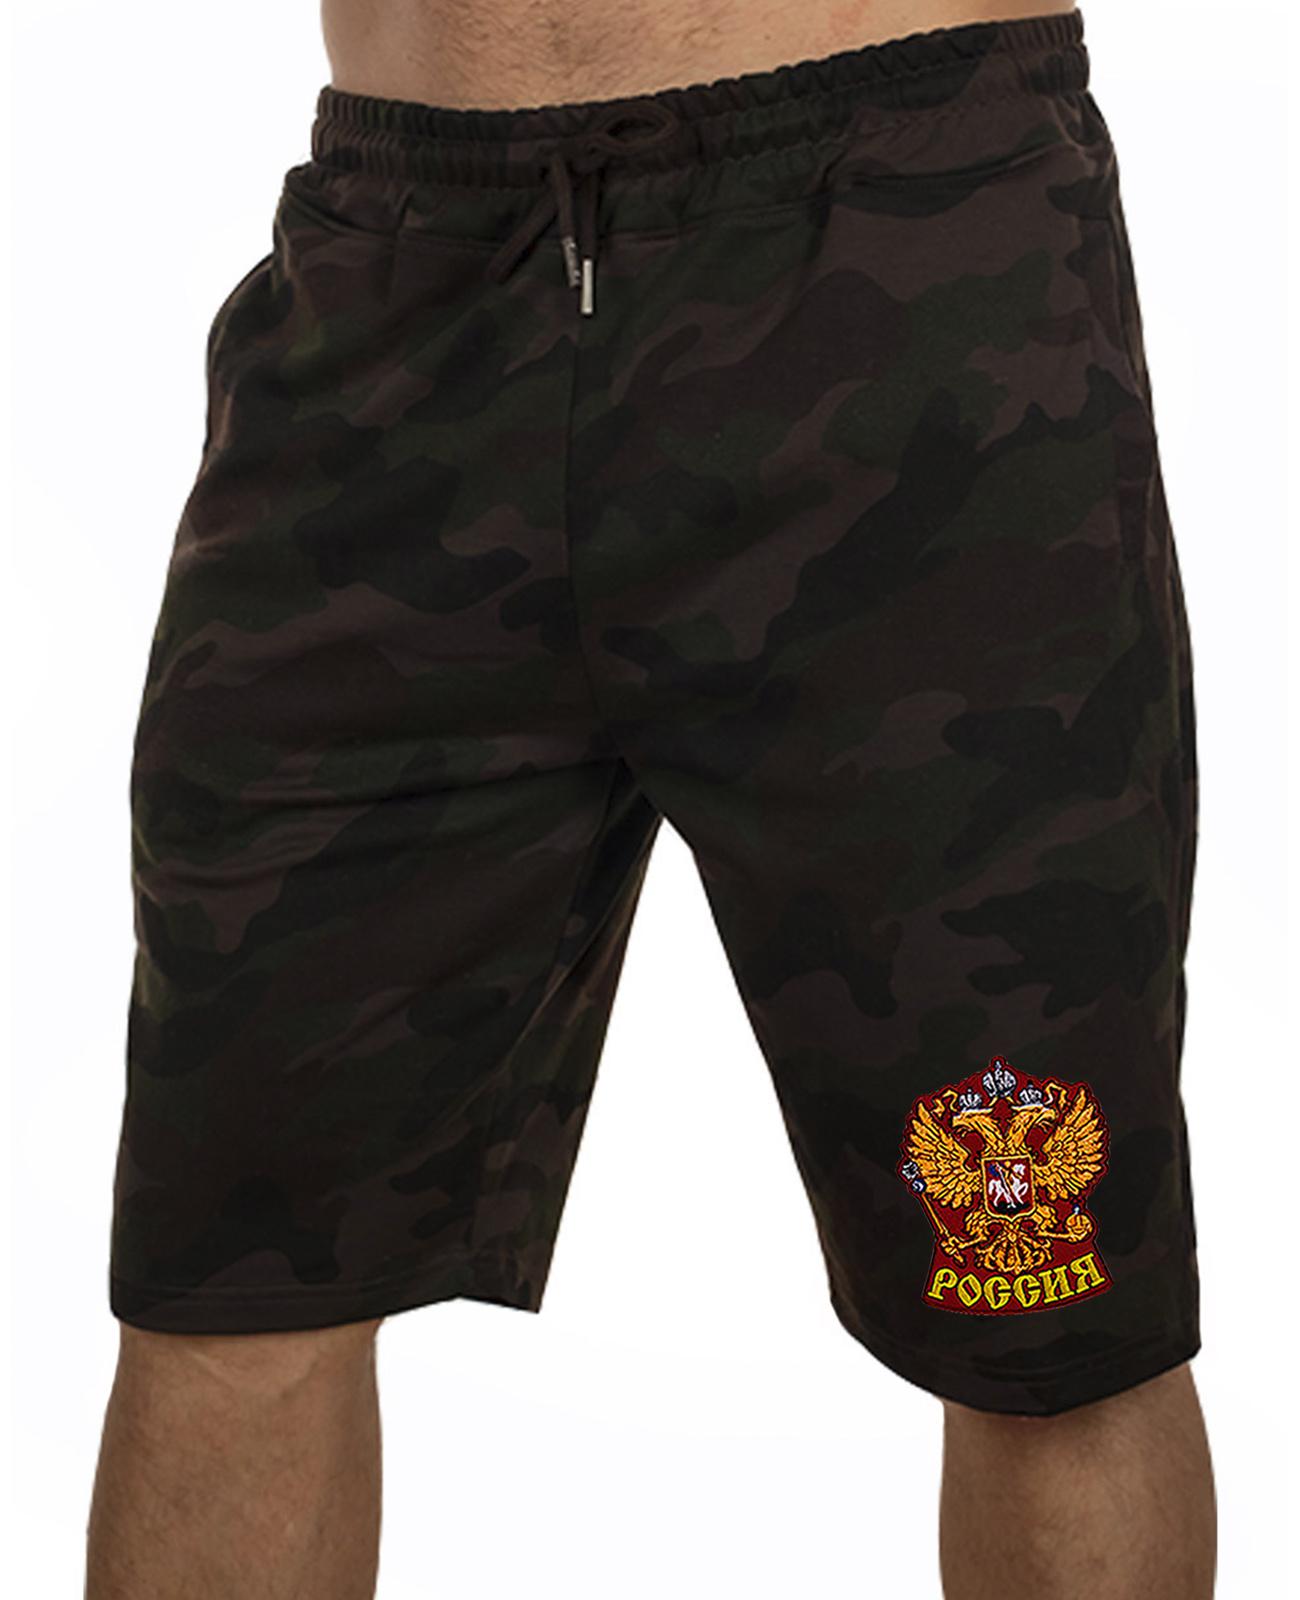 Купить надежные мужские шорты с нашивкой Россия по сниженной цене